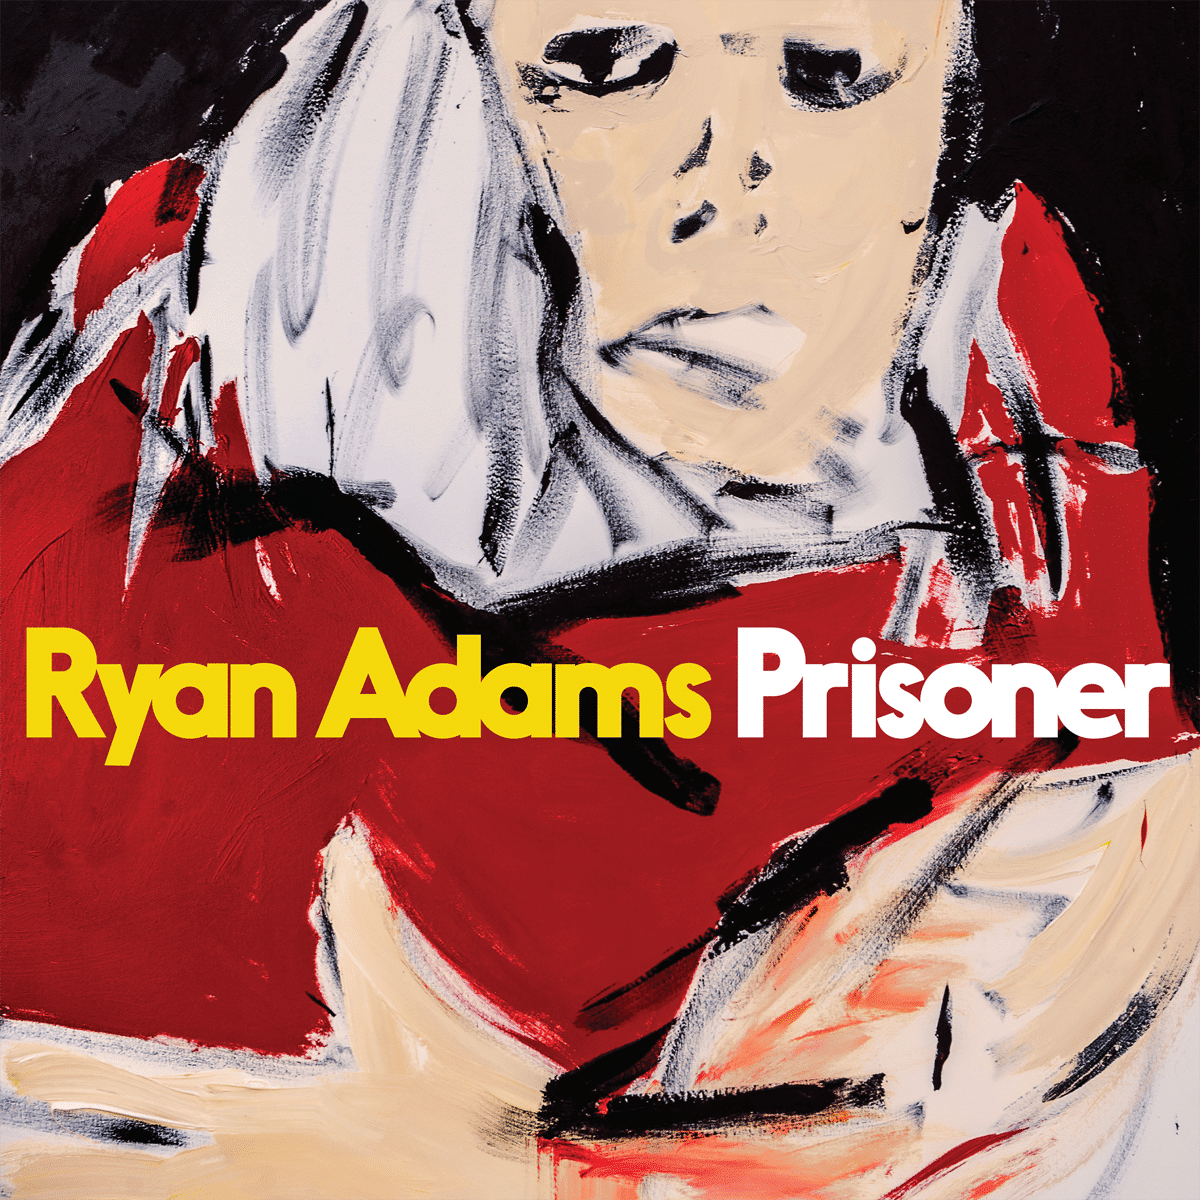 rad_prisoner_cover_1200x1200_d0a2d2d6-2c28-4786-a6a7-d9512ad2319e